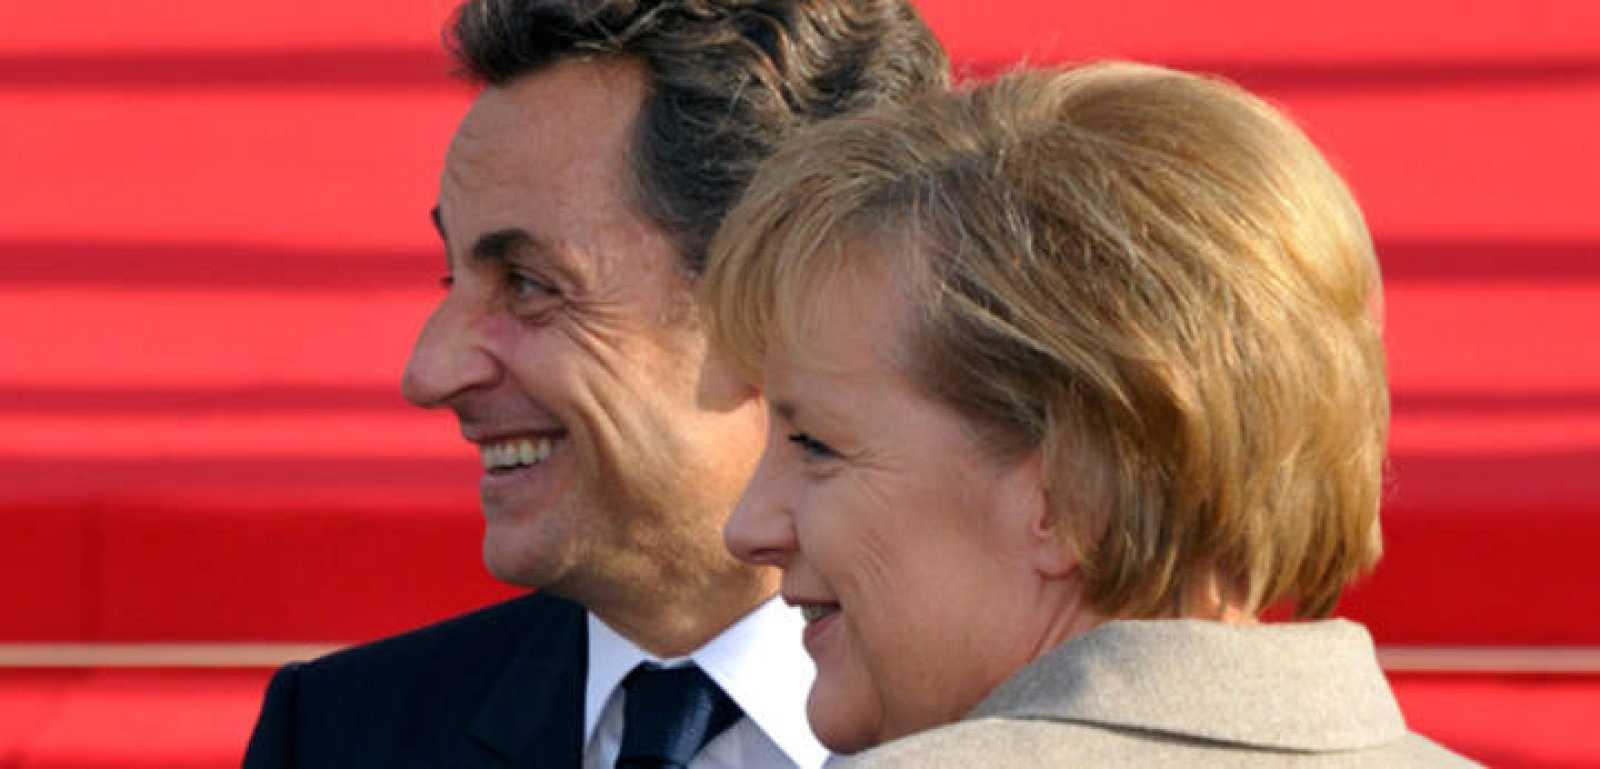 La UE acuerda endurecer la sanciones por déficit, pero Sarkozy y Merkel piden más severidad